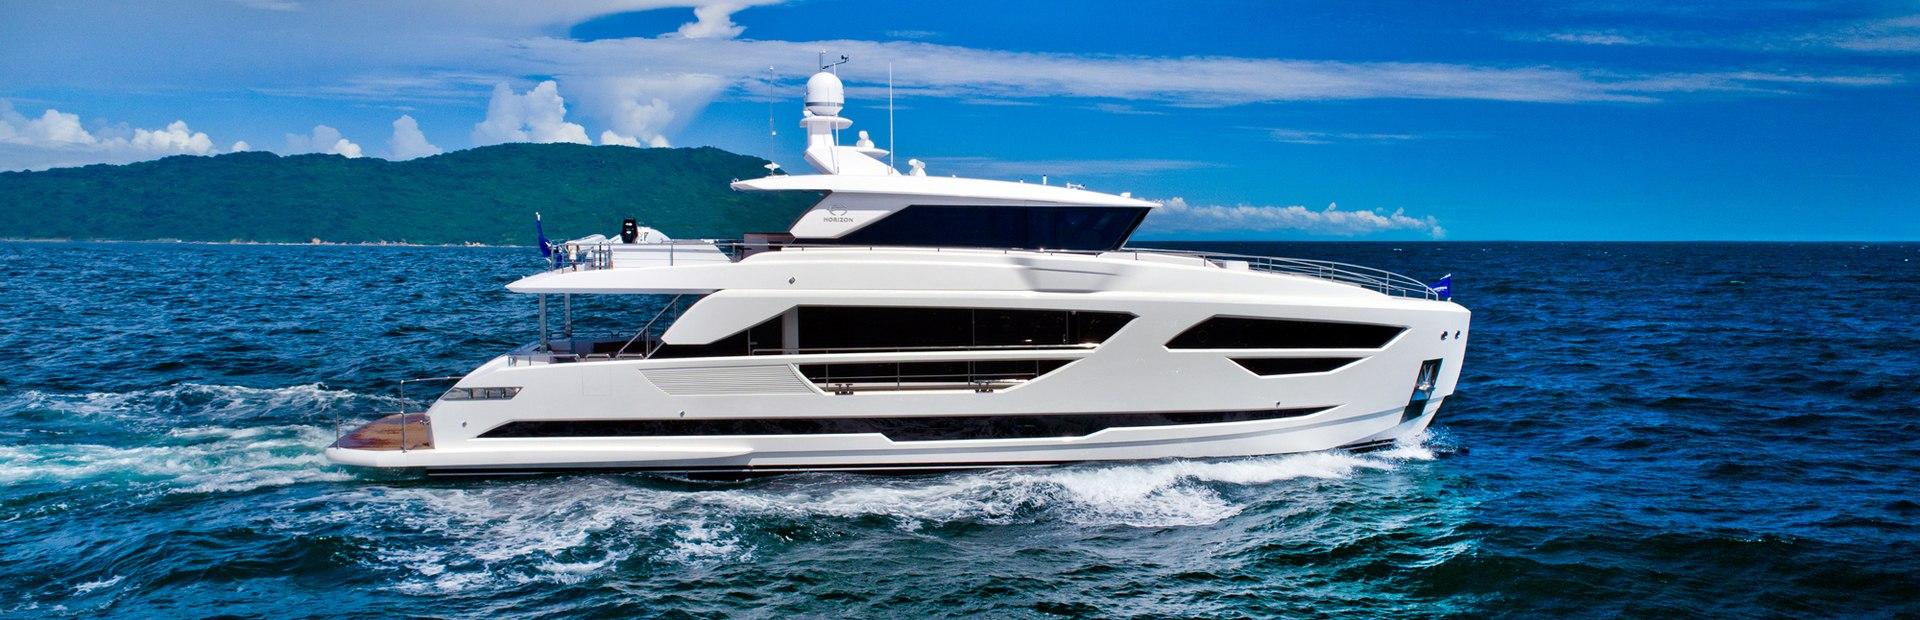 FD87 Yacht Charter